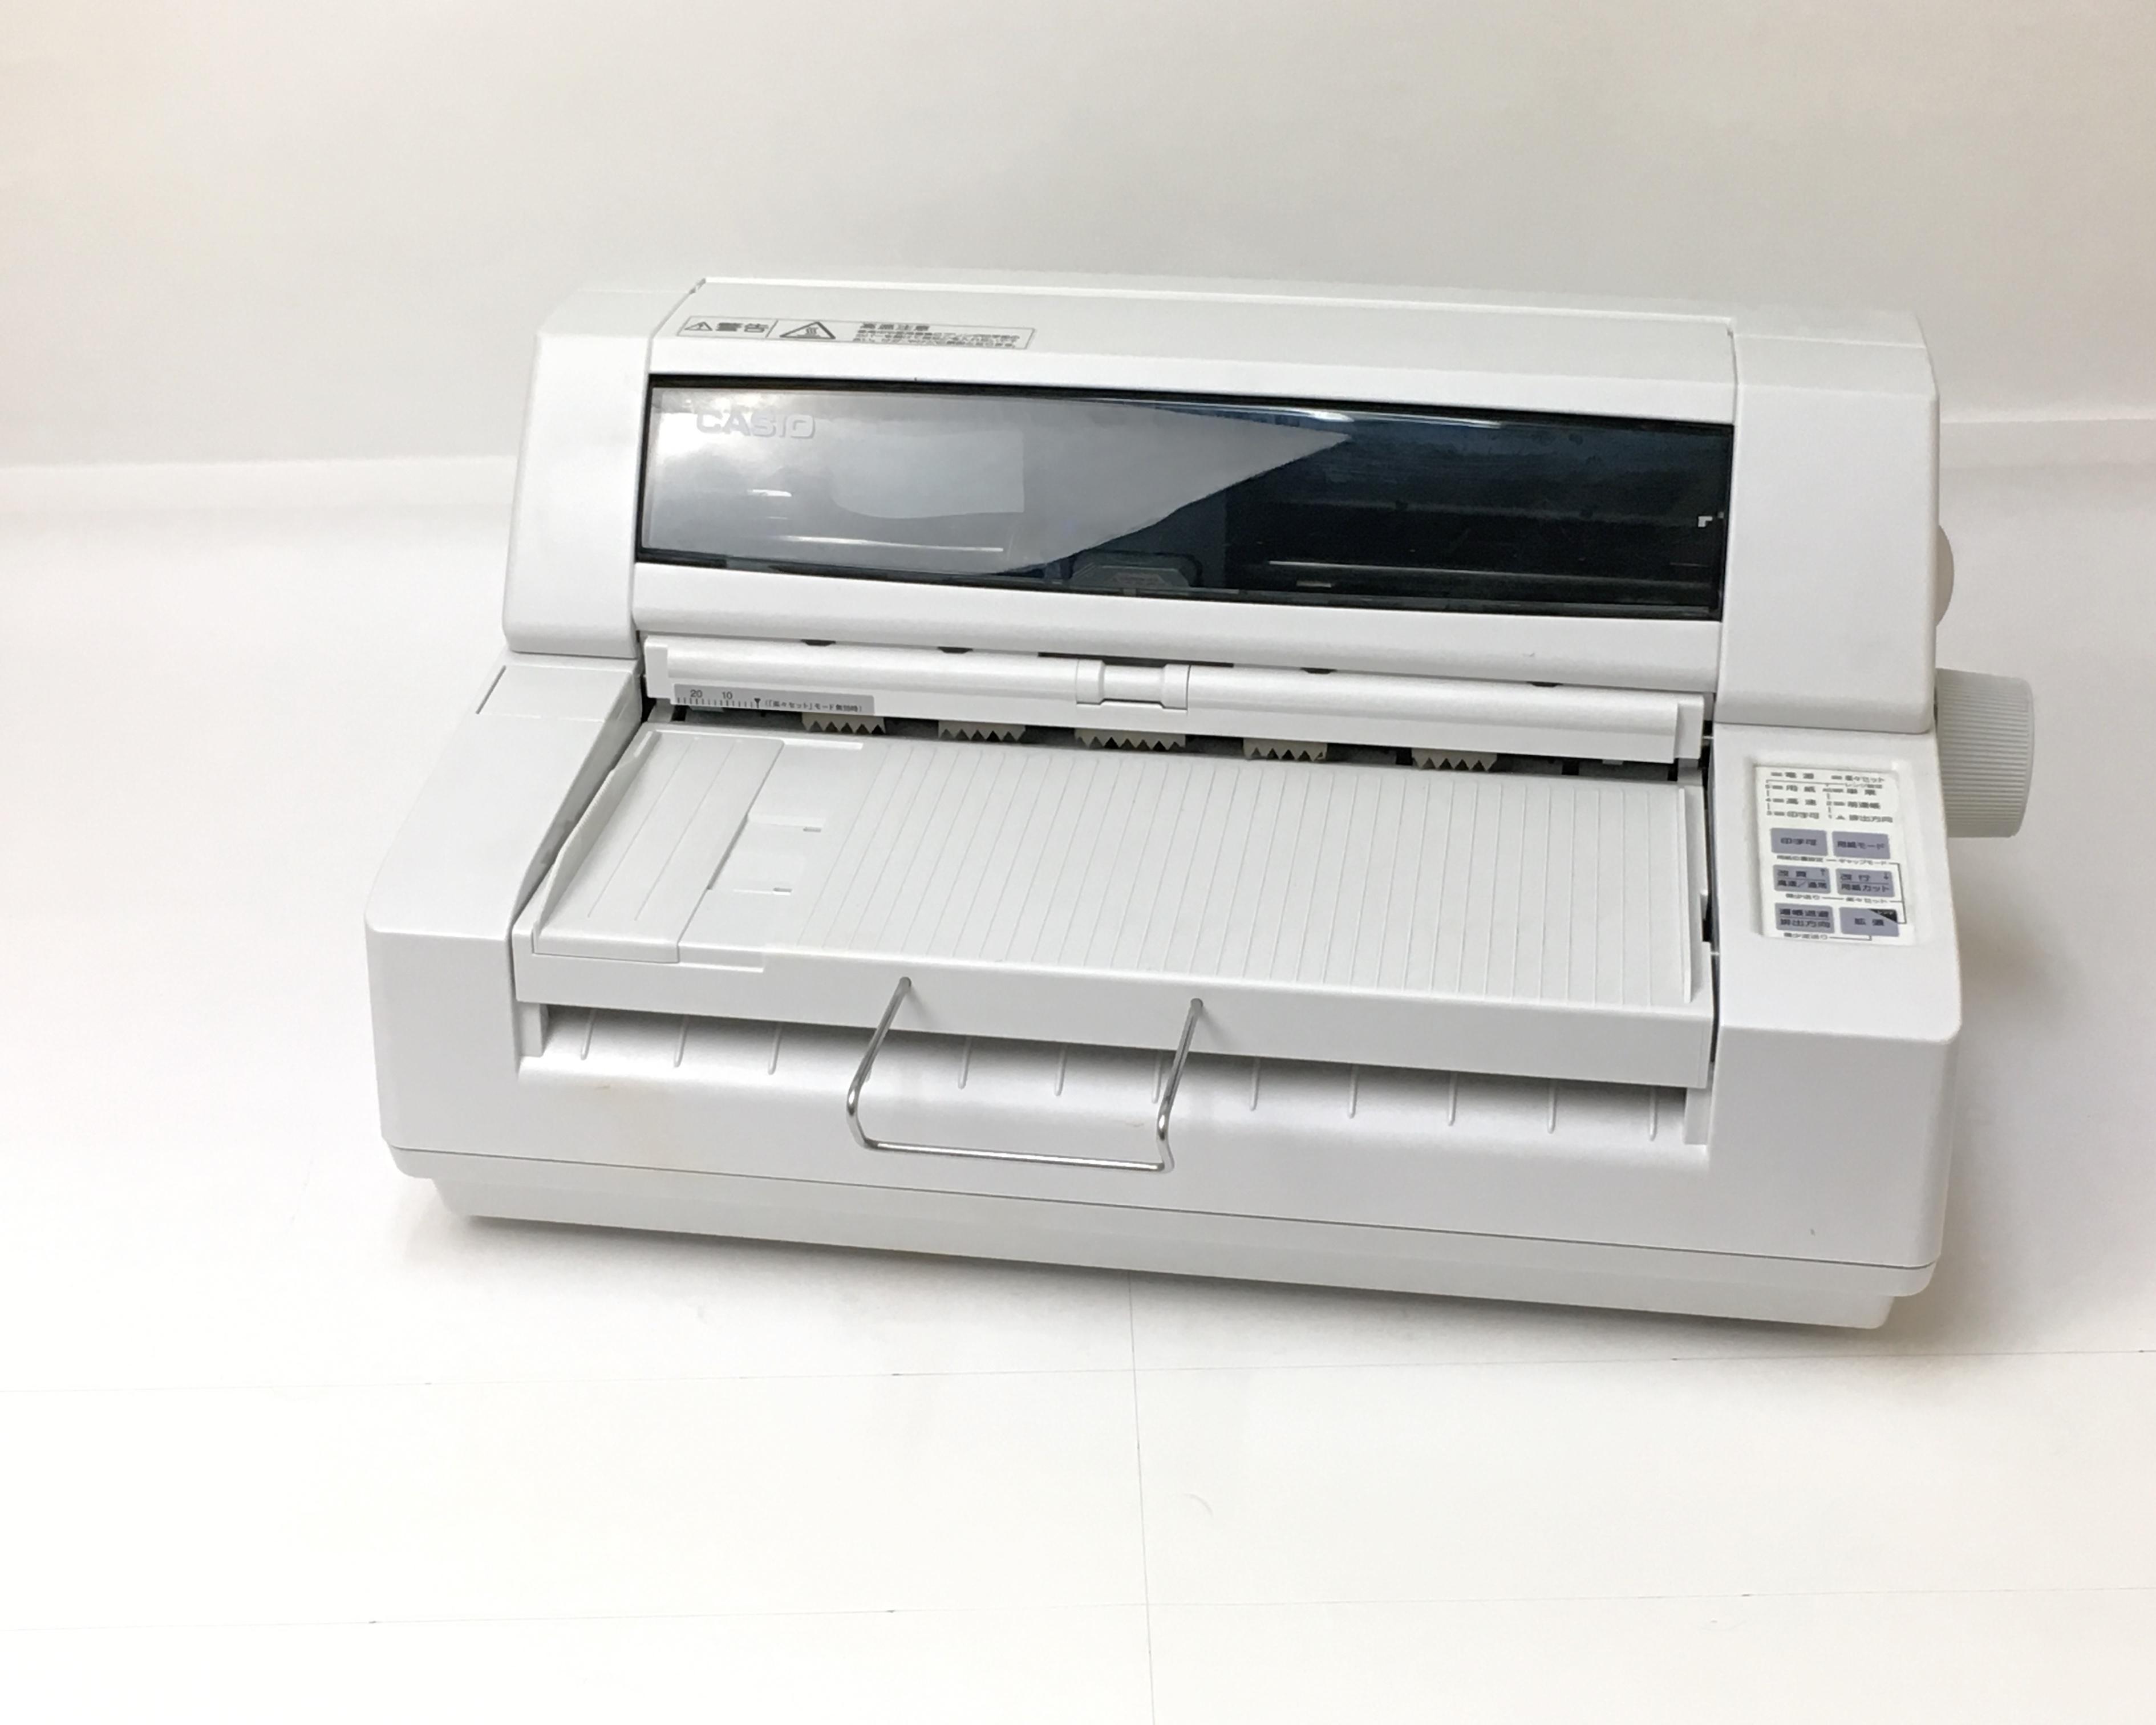 【優良中古】CASIO 楽市ドットプリンター S-PR-105BX メイン画像